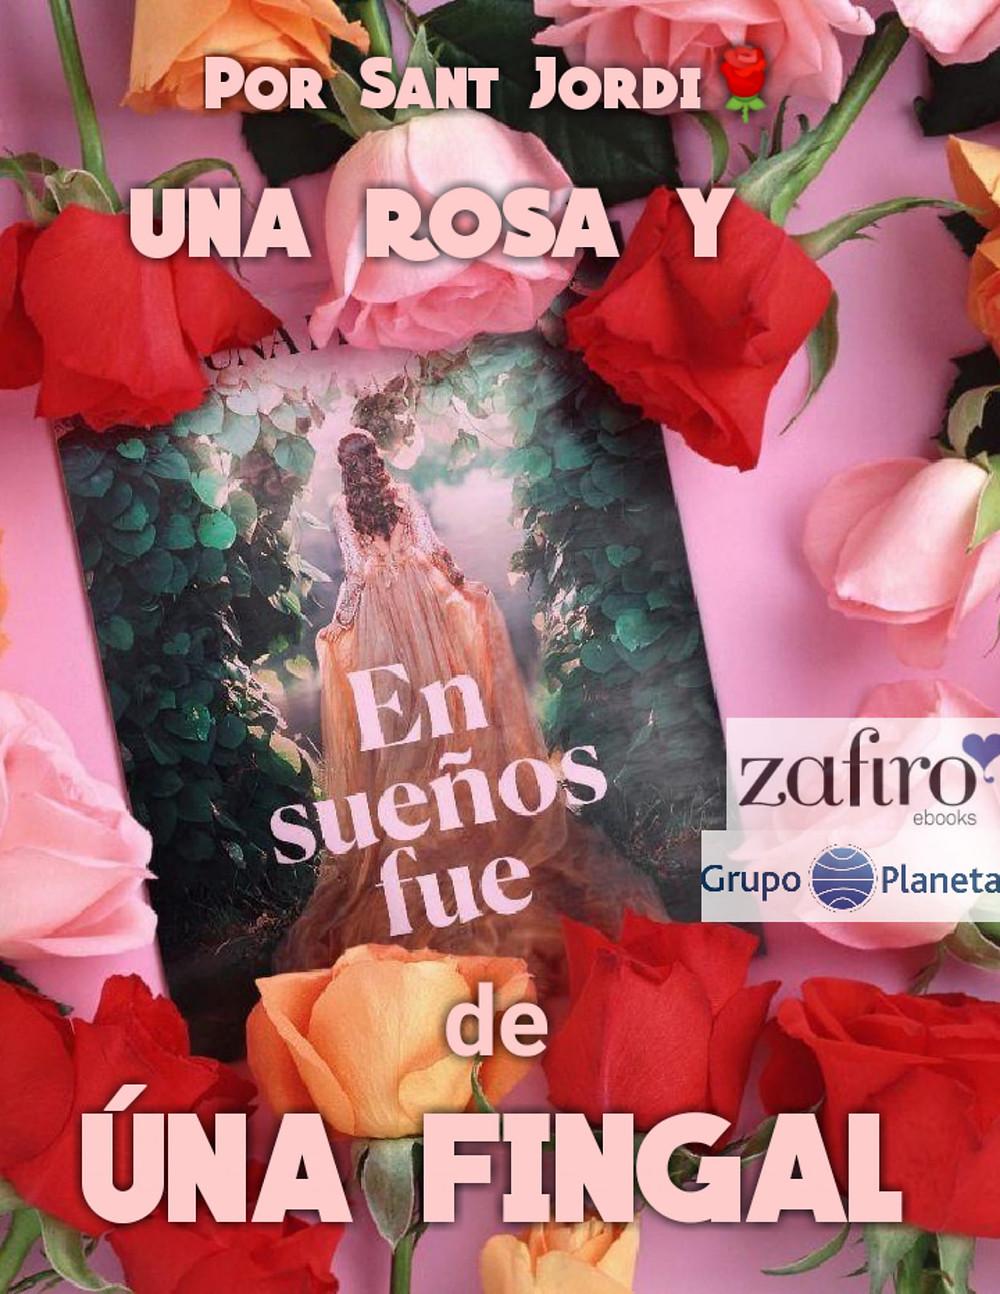 Por Sant Jordi UNA ROSA Y EN SUEÑOS FUE